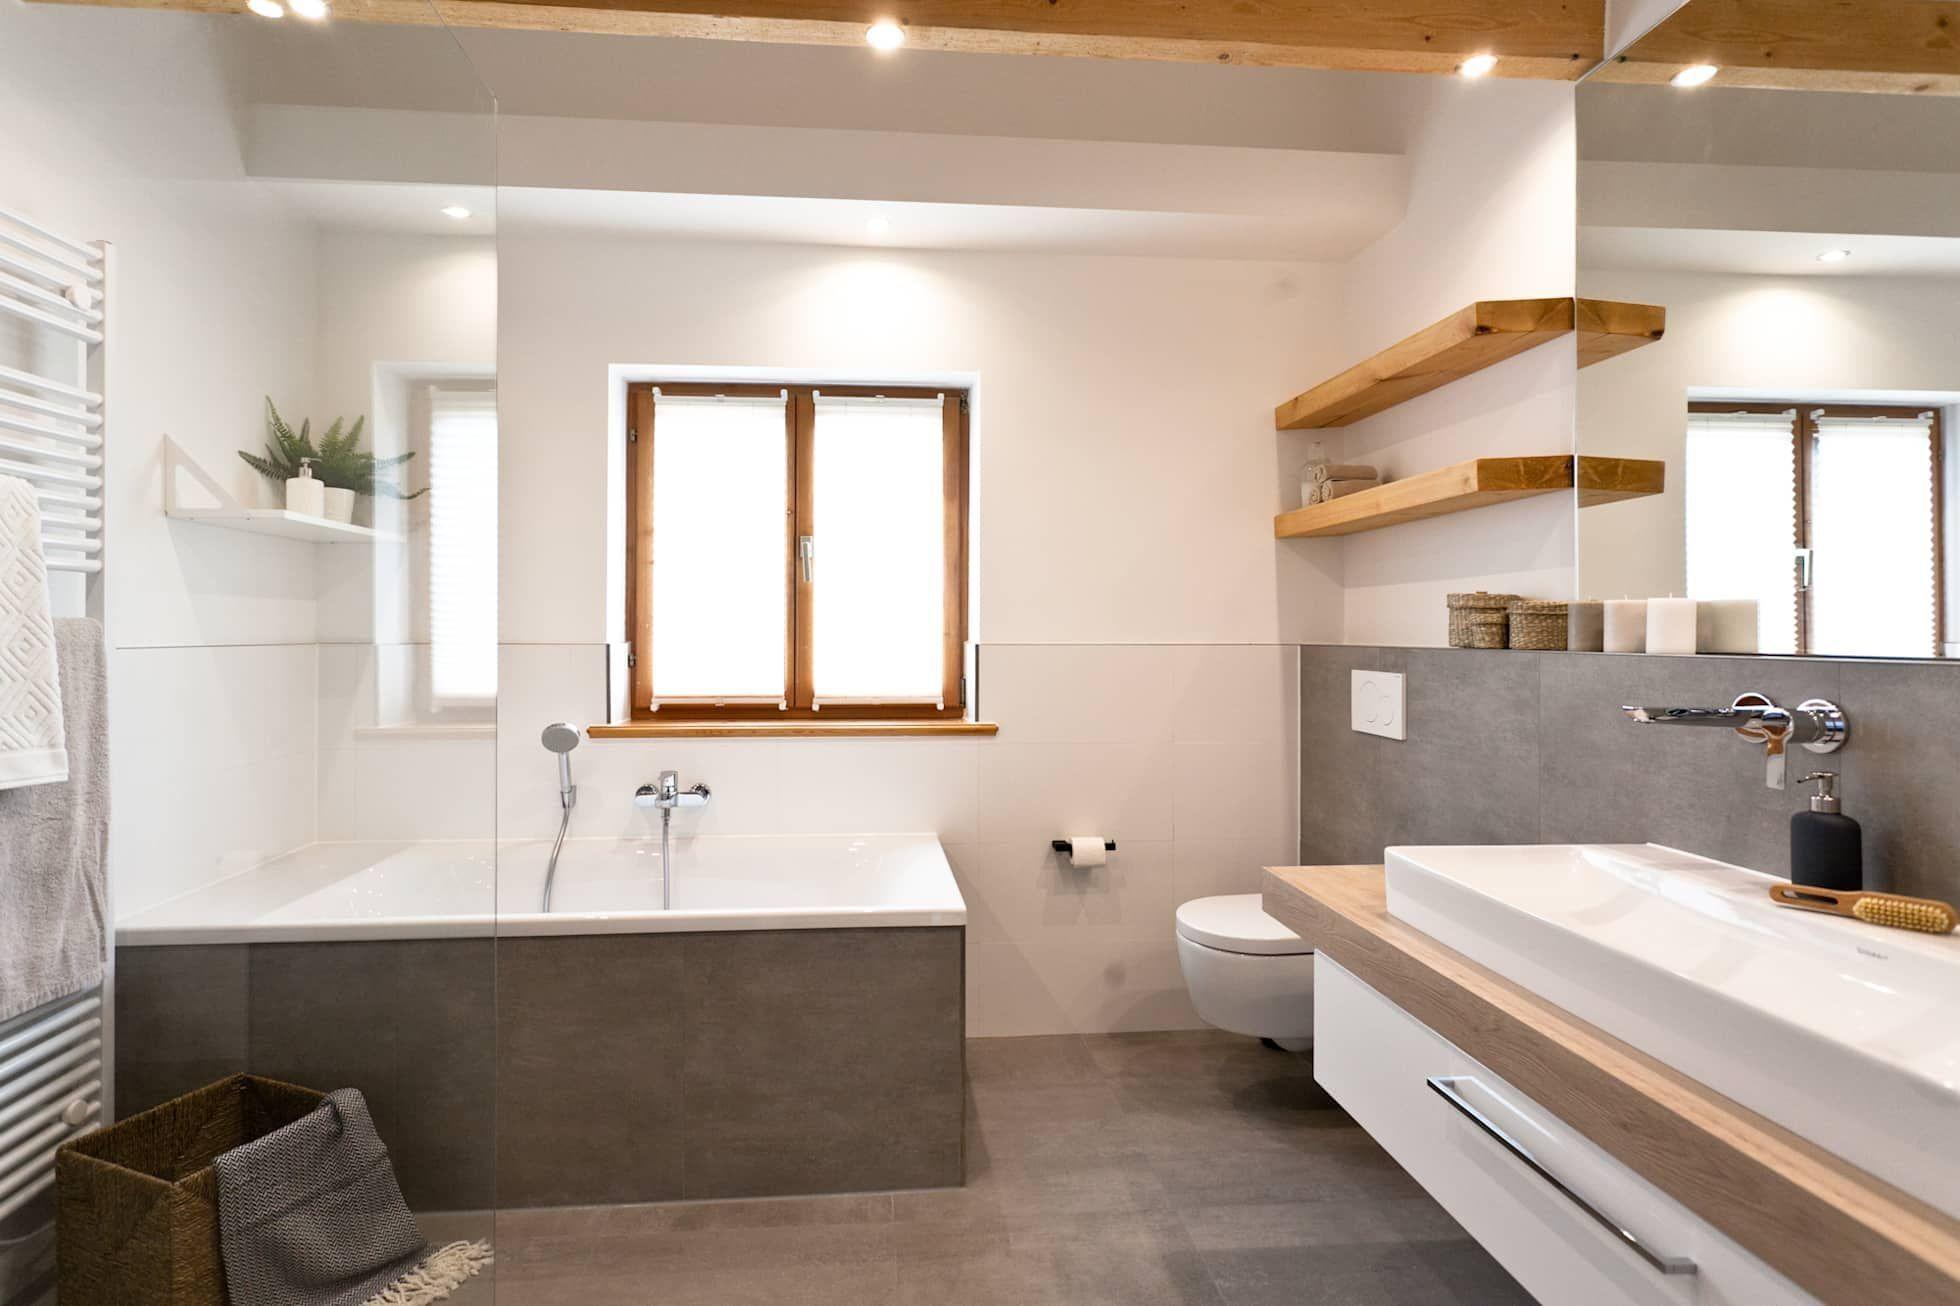 5 Schickes Badezimmer Mit Viel Holz Badezimmer Von Banovo Gmbh In Eintagamsee Fliesen Betonoptik Badsanierung Moderne Fliesen